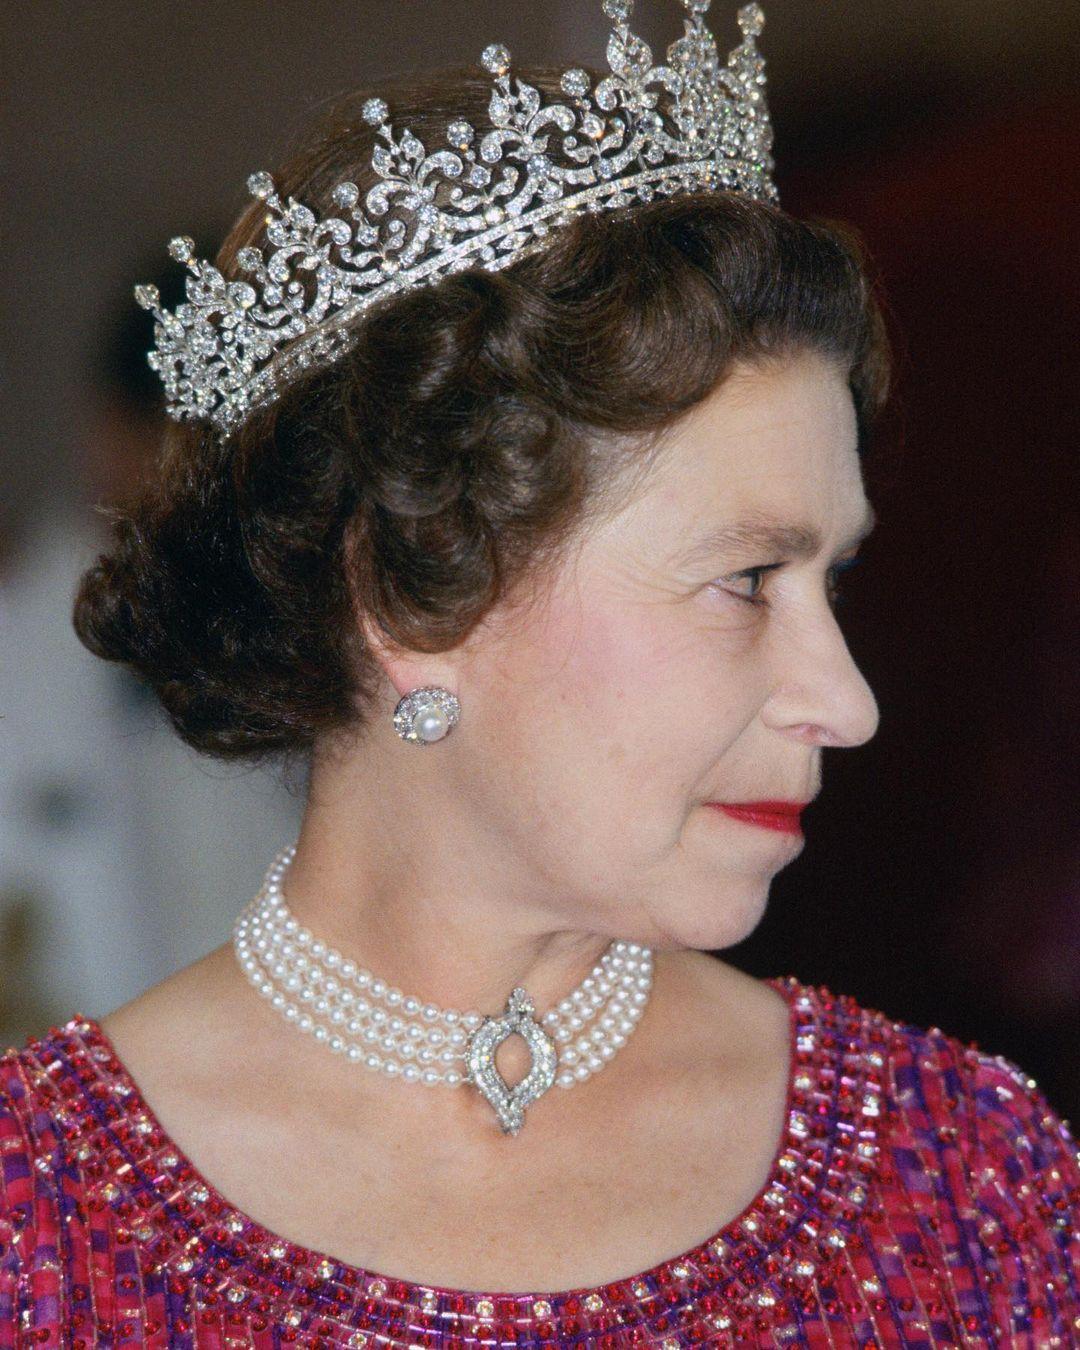 الملكة إليزابيث مرتدية عقد اللؤلؤ والماس